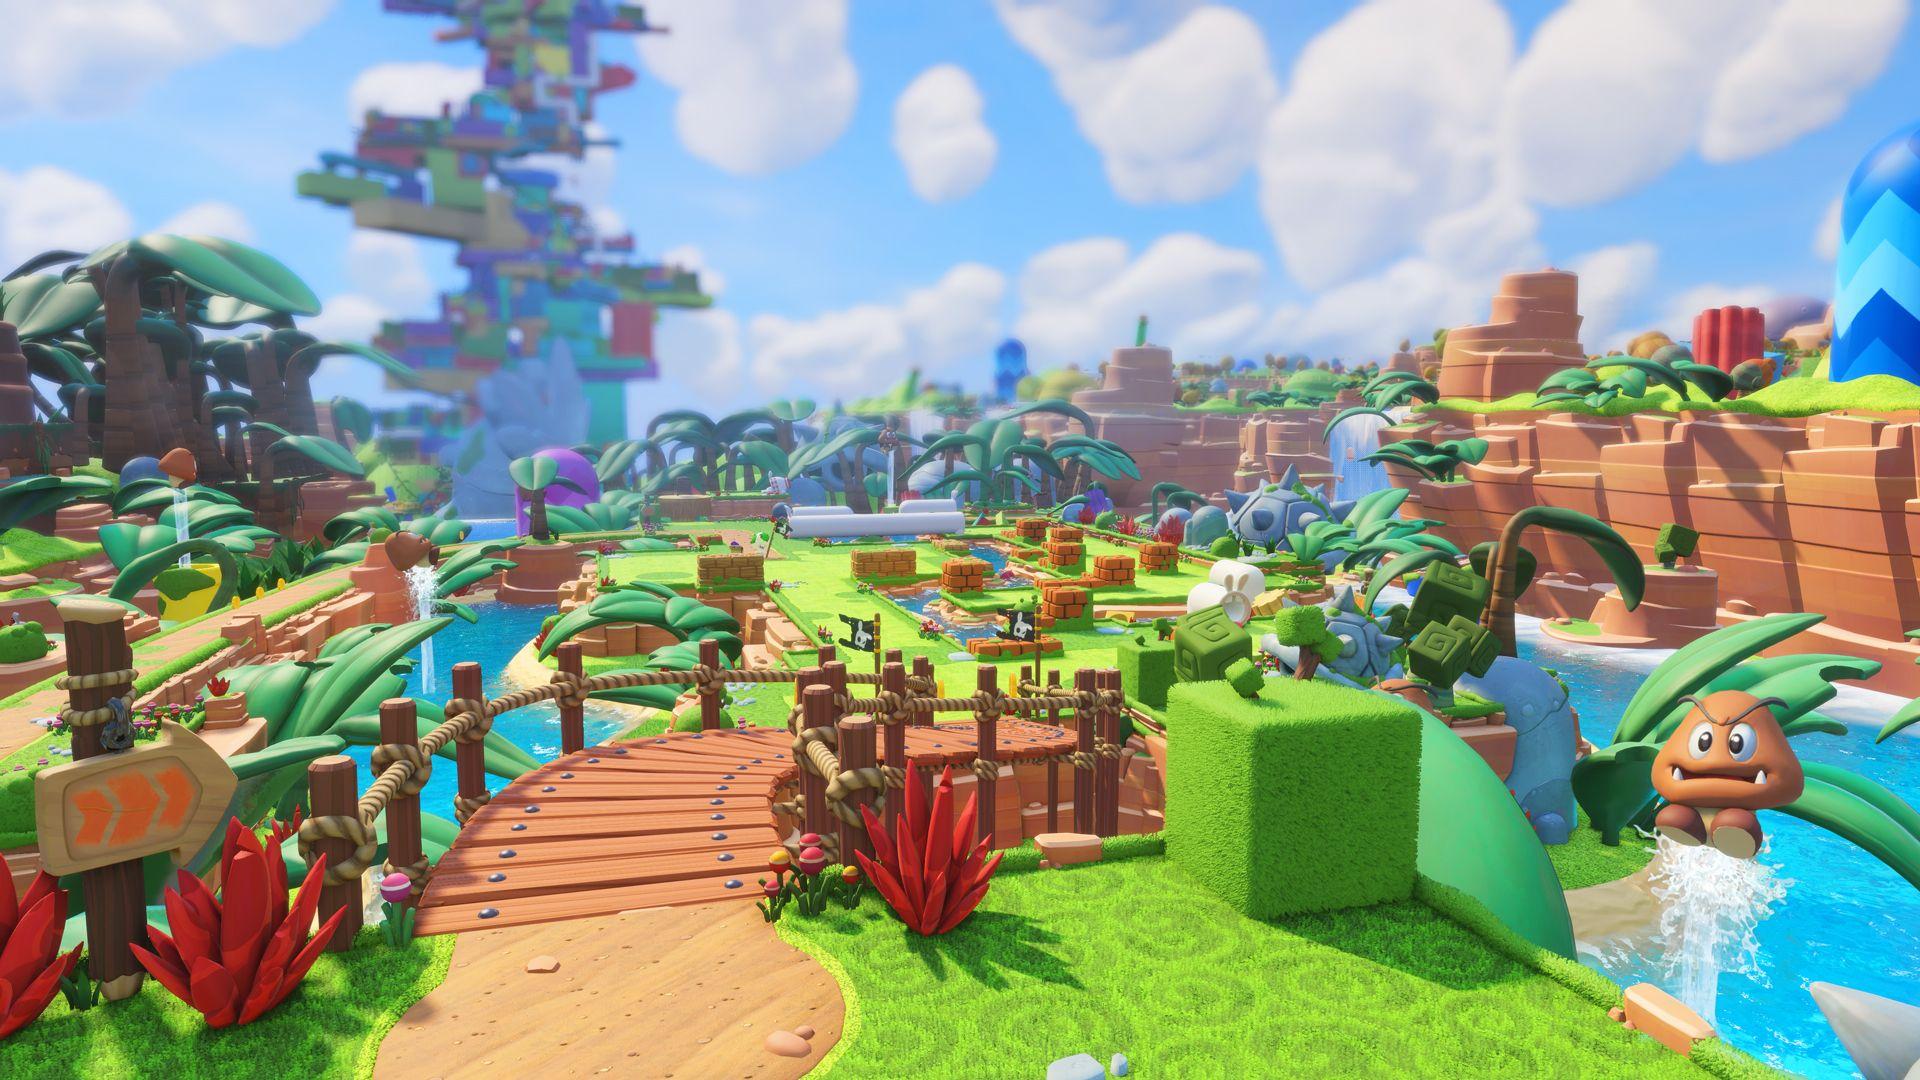 Mario + Rabbids: Битва за Королевство, кадр № 3